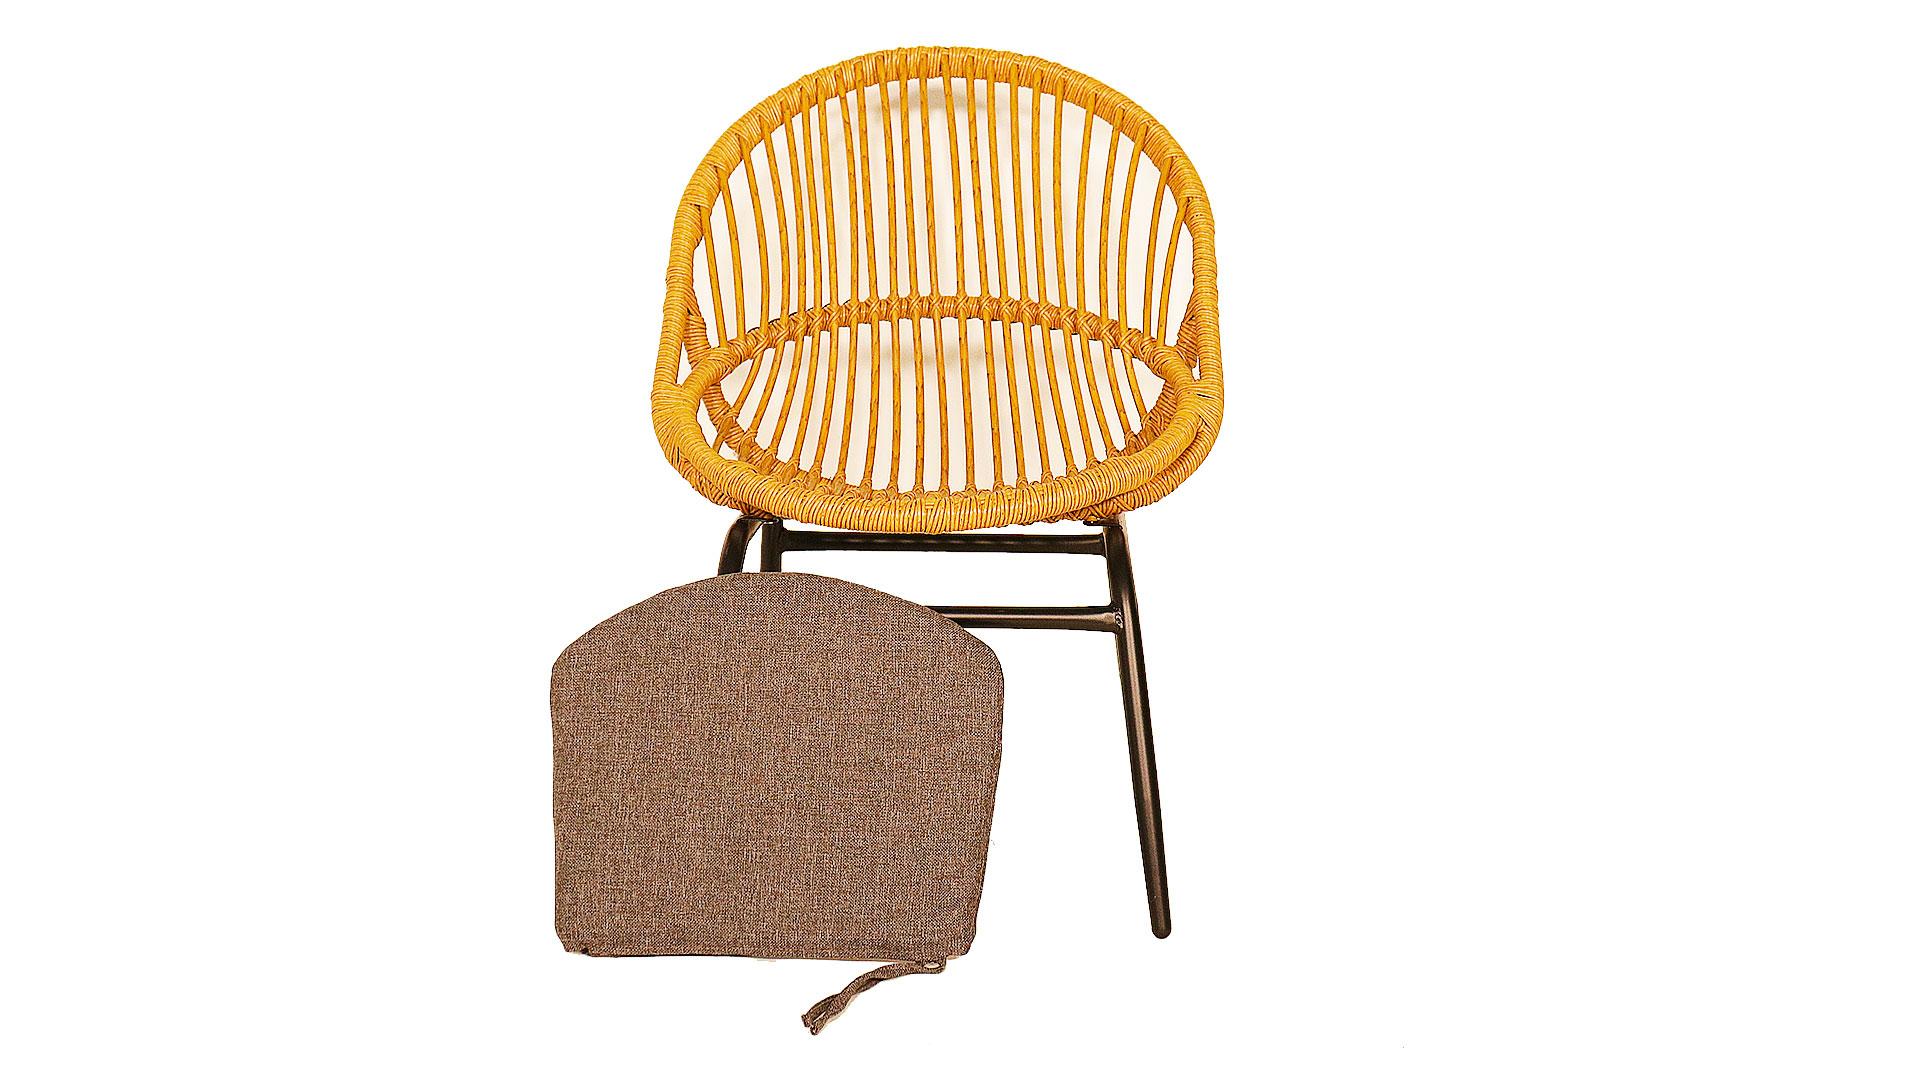 東馬のガーデンファニチャー。オーバルチェア、リゾネアの外用の椅子のクッションが外れるの画像